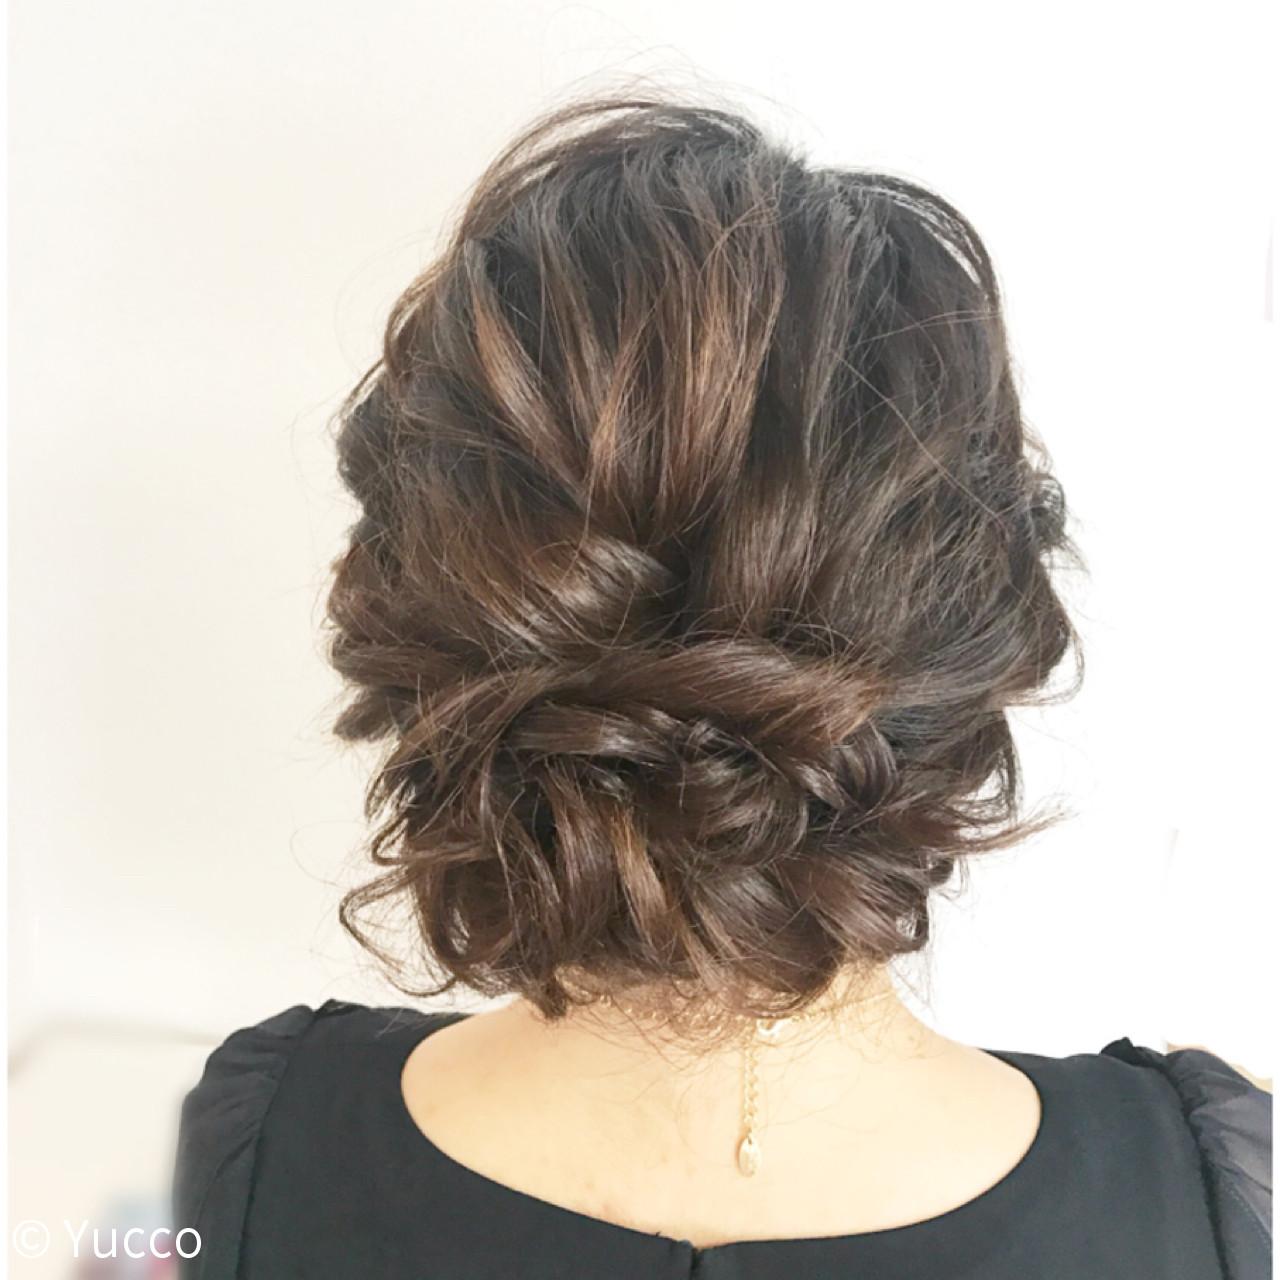 結婚式 ヘアアレンジ ミディアム デート ヘアスタイルや髪型の写真・画像 | Yucco / ヘアメイク専門店 BeautySalonnagomi 立川店